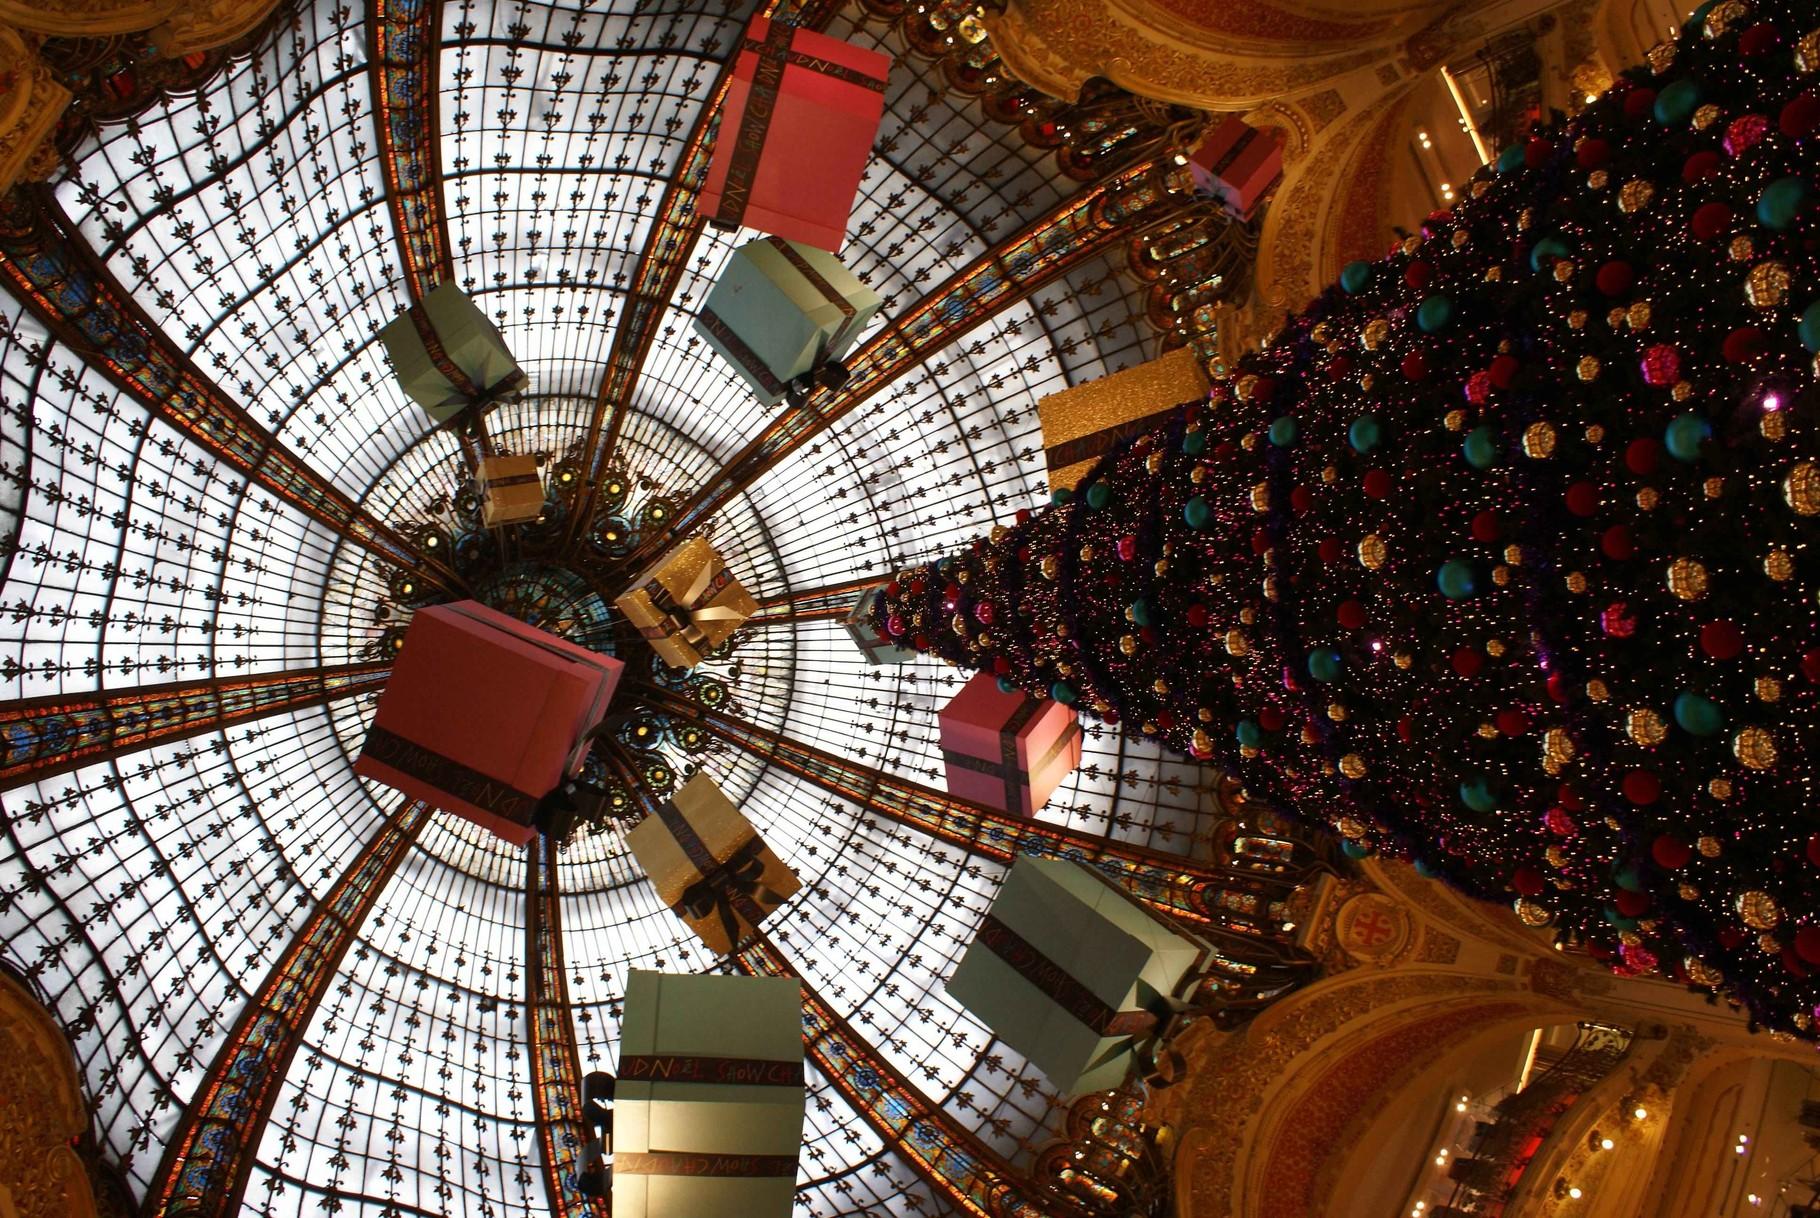 Weihnachtsstimmung in einem Pariser Kaufhaus